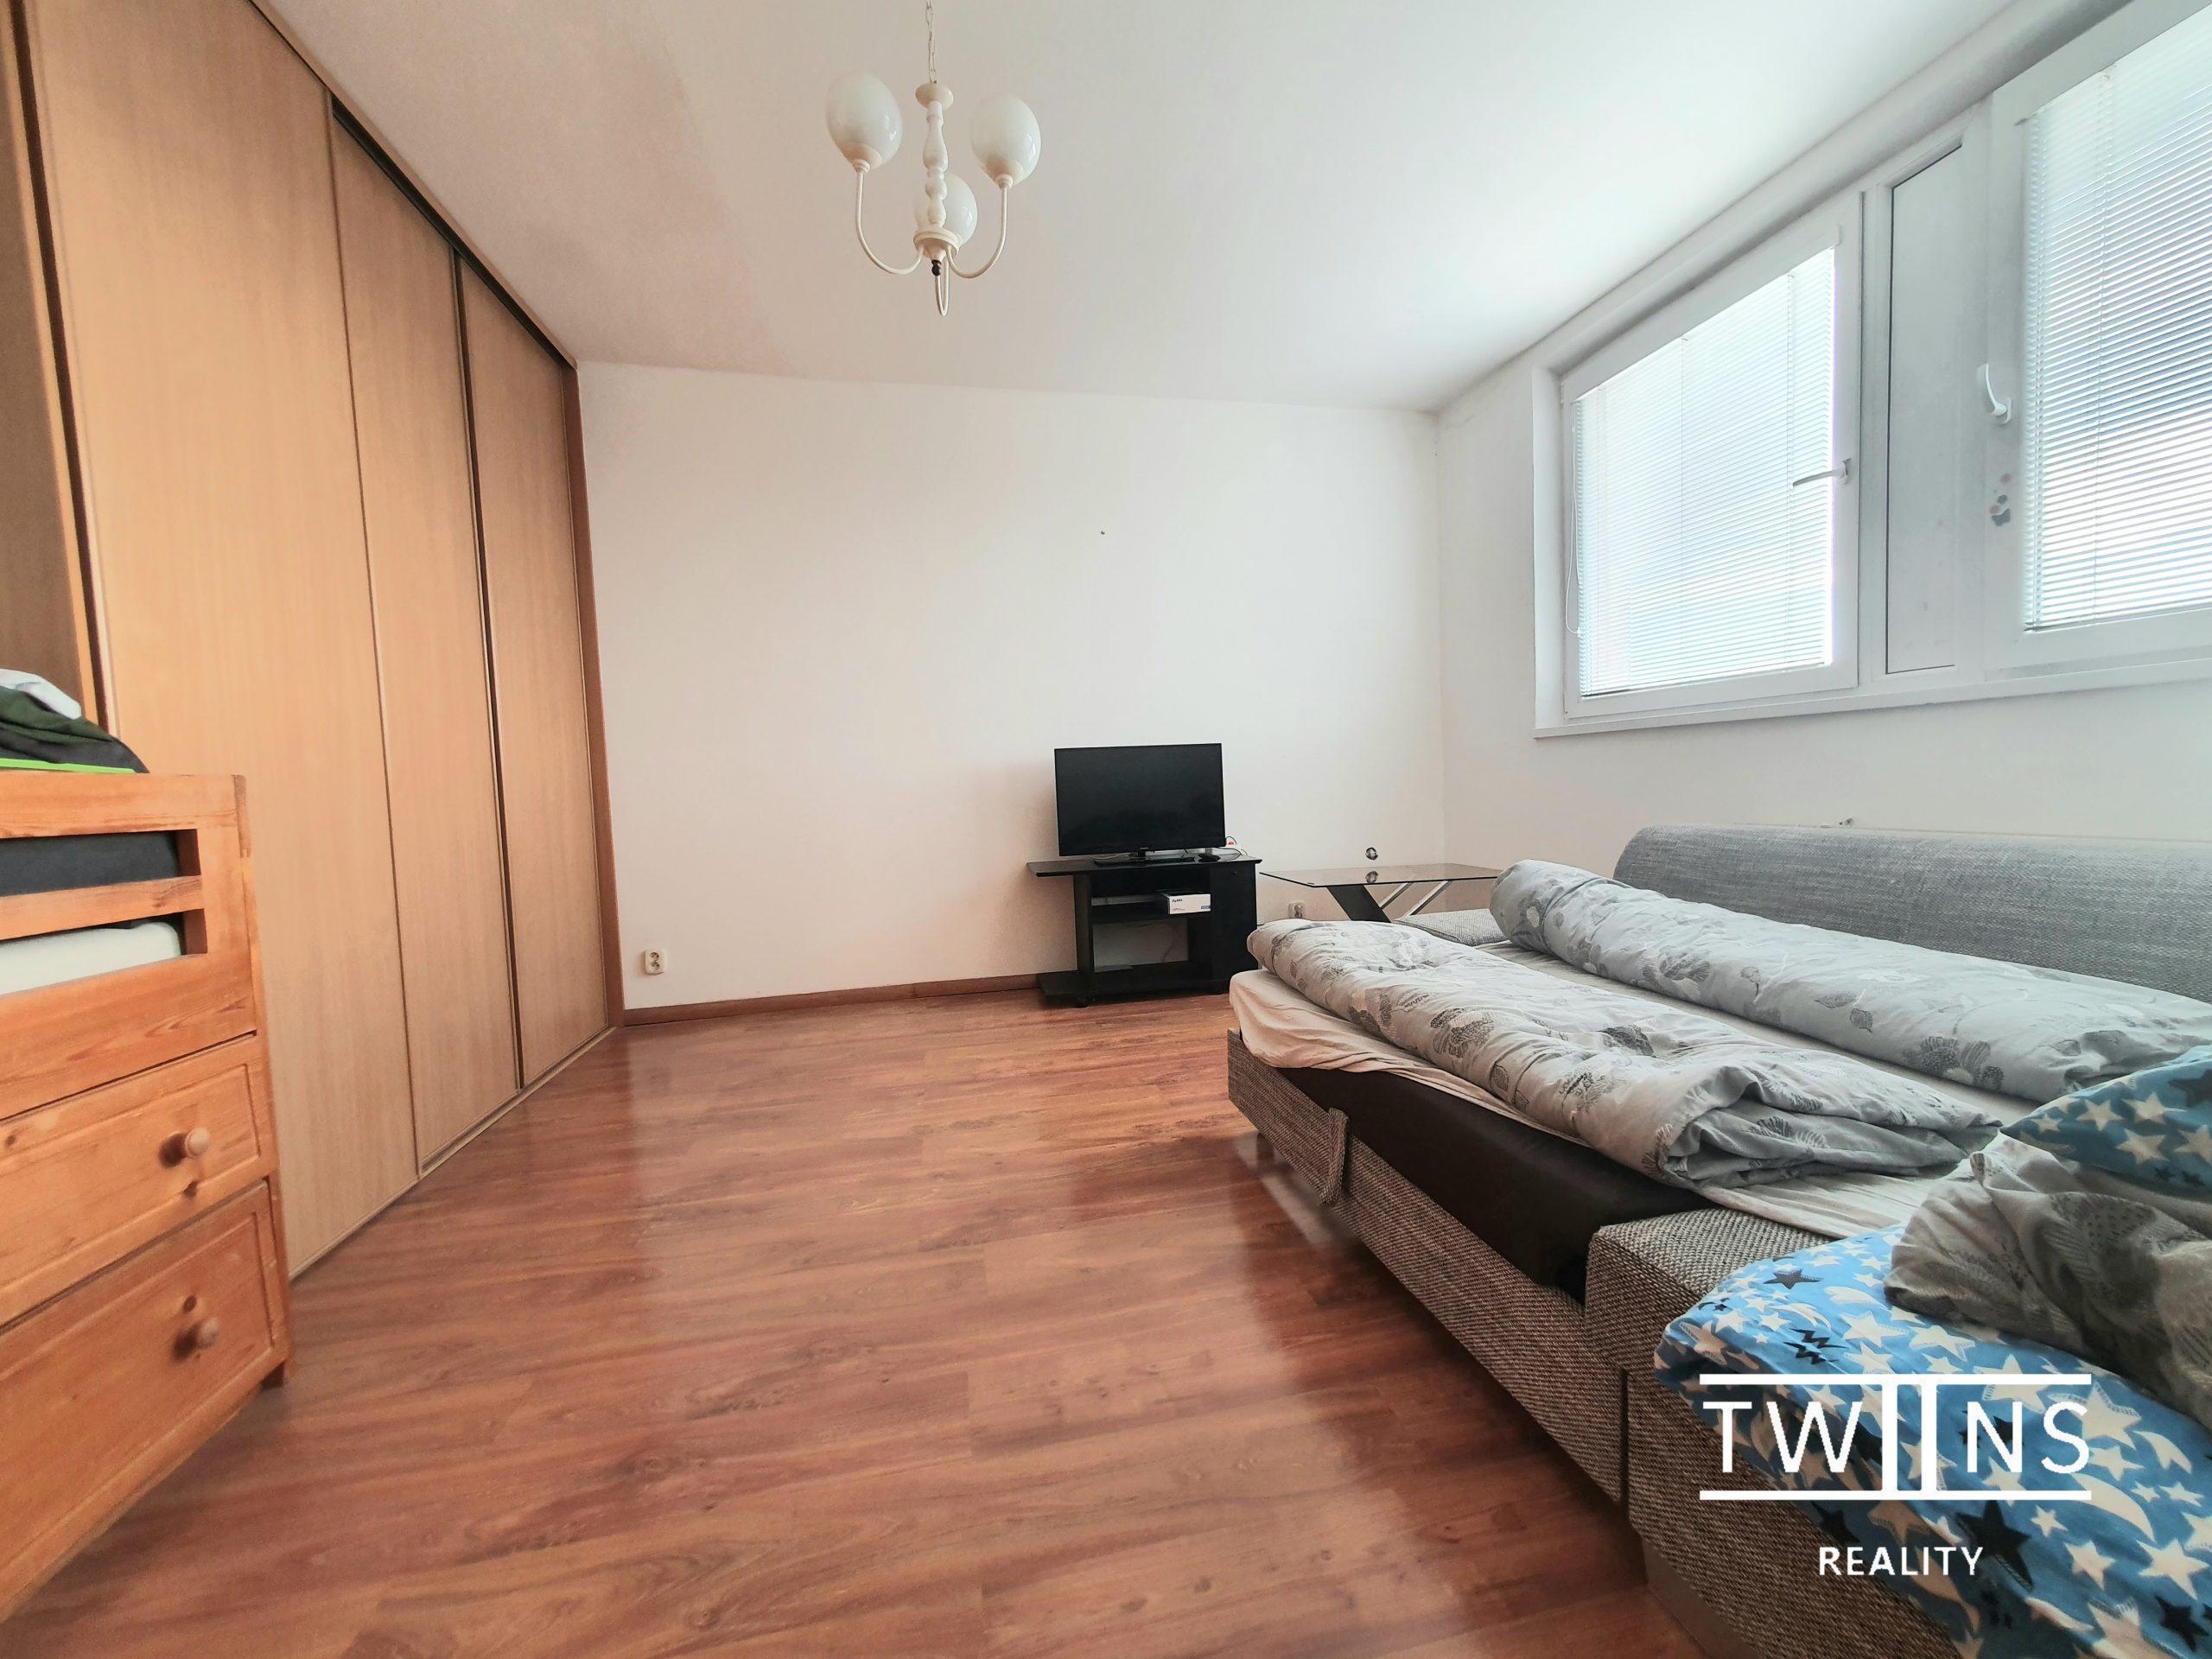 Prenajate ! ✅TOP POnuka💎Prenajmeme 1 izbovy byt na Fedinovej ul. v Petržalke, kompl.zar.,💶420€, Bez depozitu!